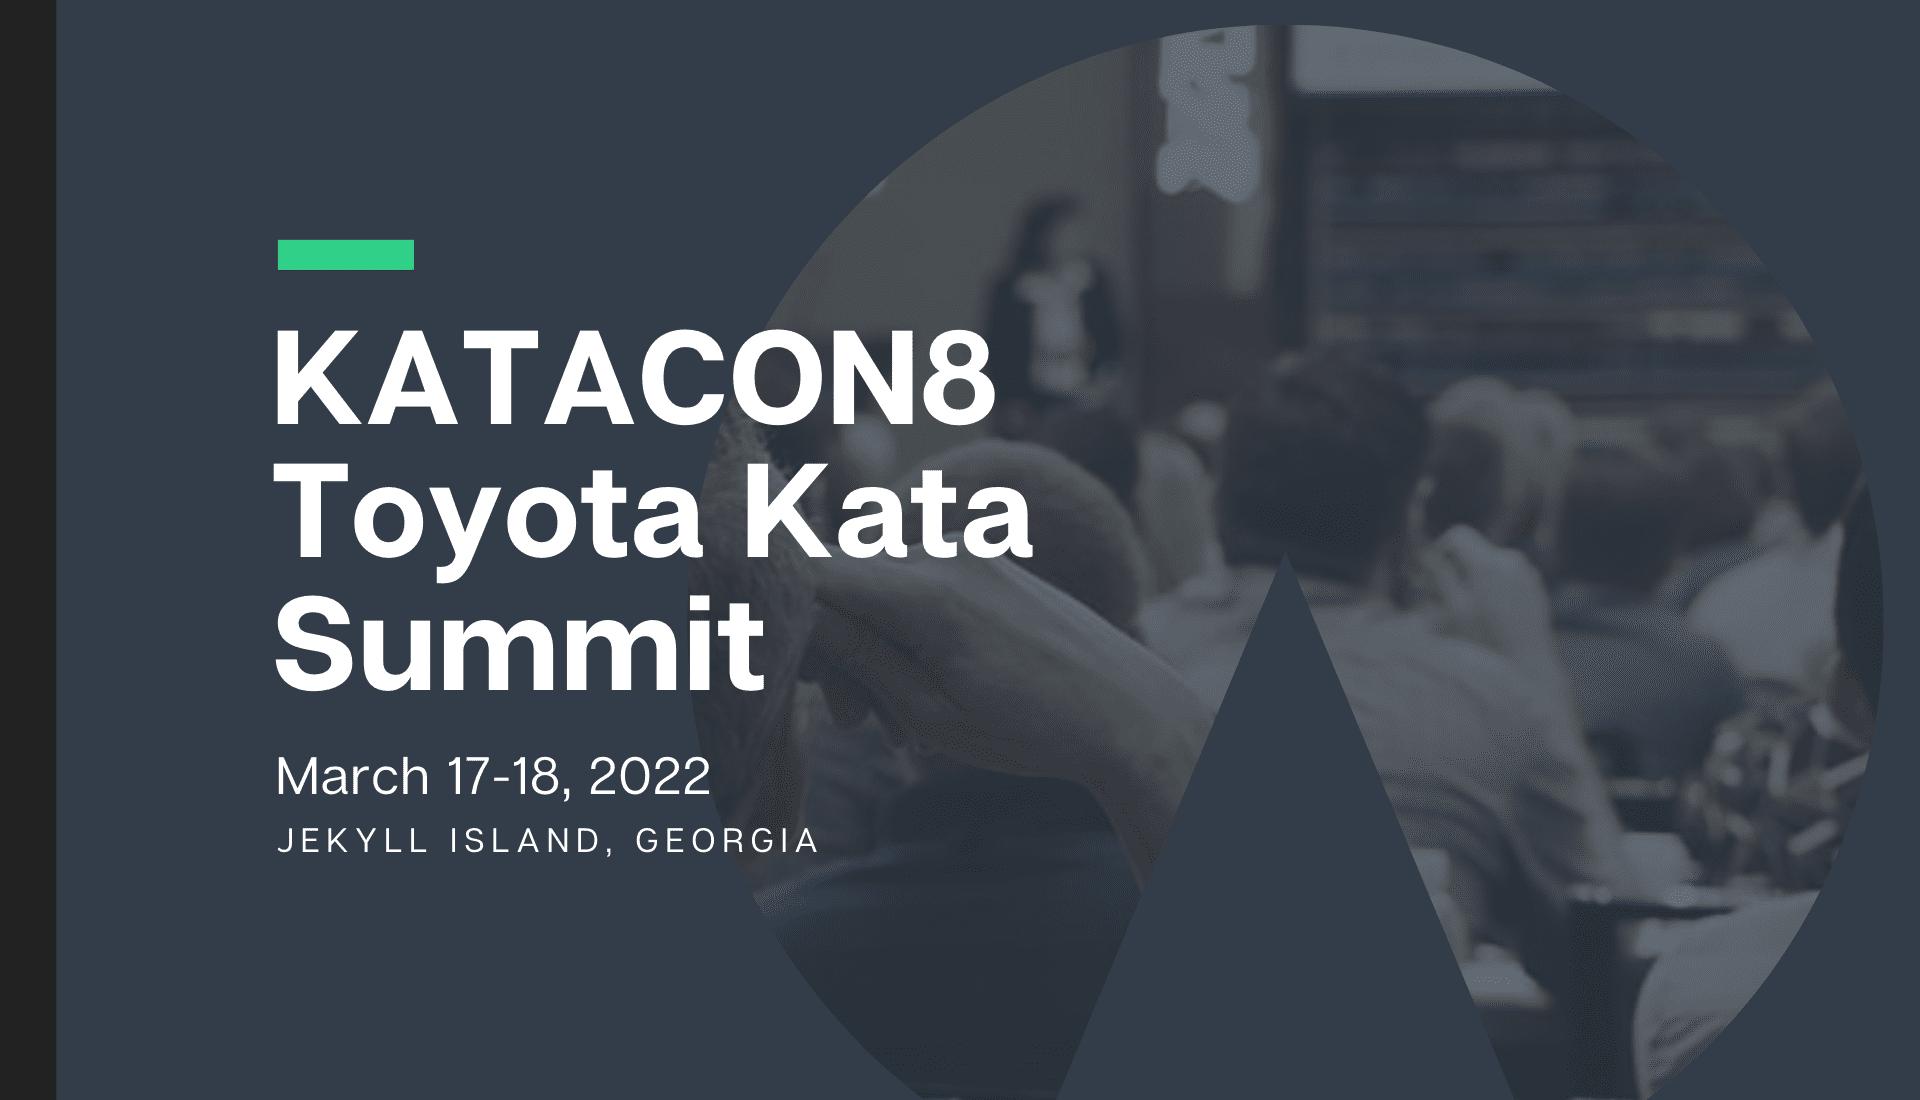 Toyota Kata Summit (KataCon8)